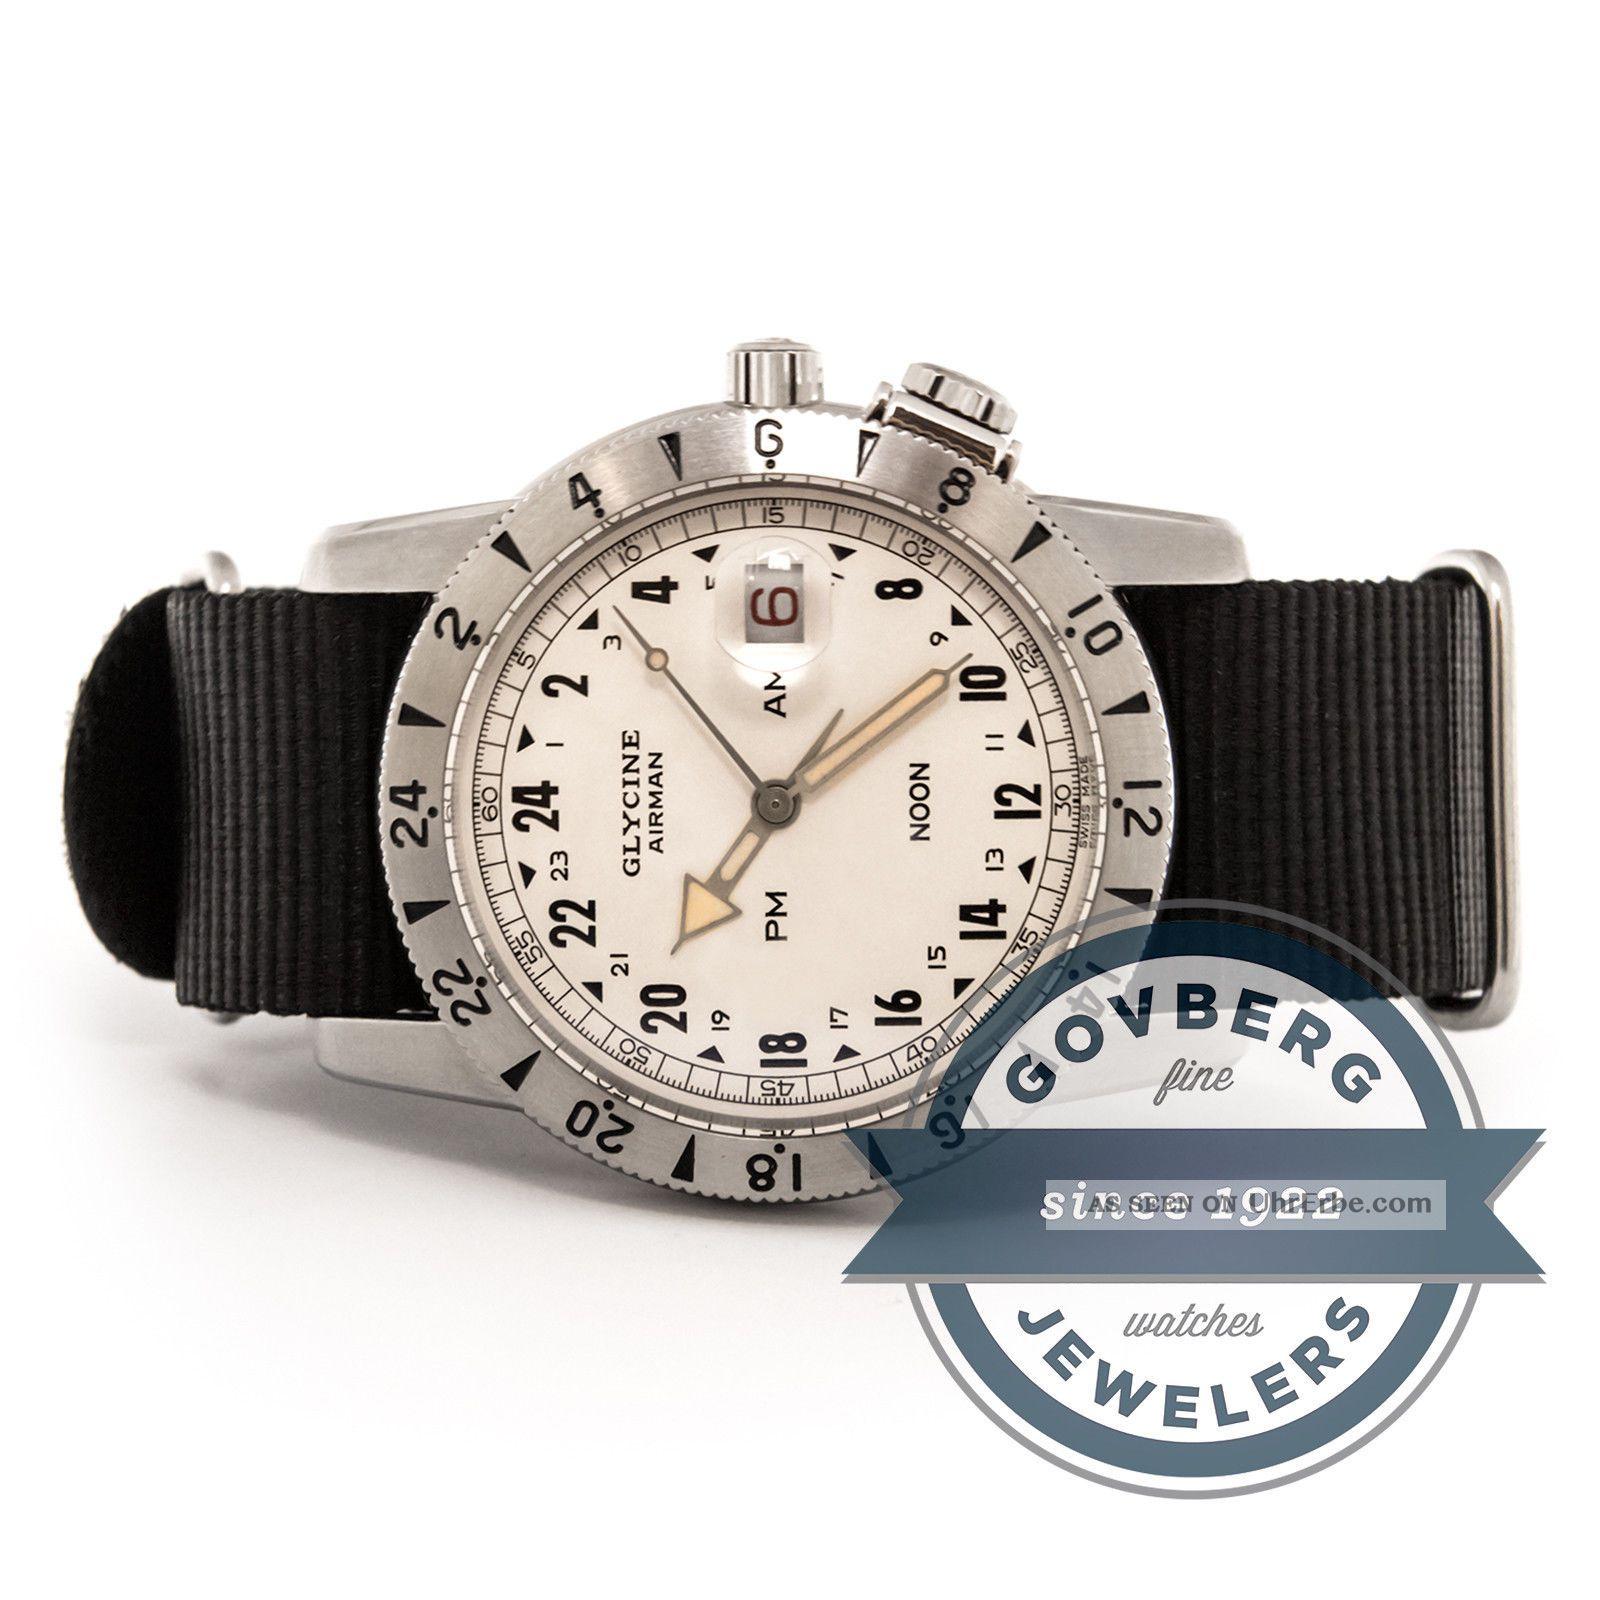 Glycin Flieger 1953 - Vintage Limitierten Auflage Stahl Automatik Uhr 3904 - 14 - Tb9 Armbanduhren Bild